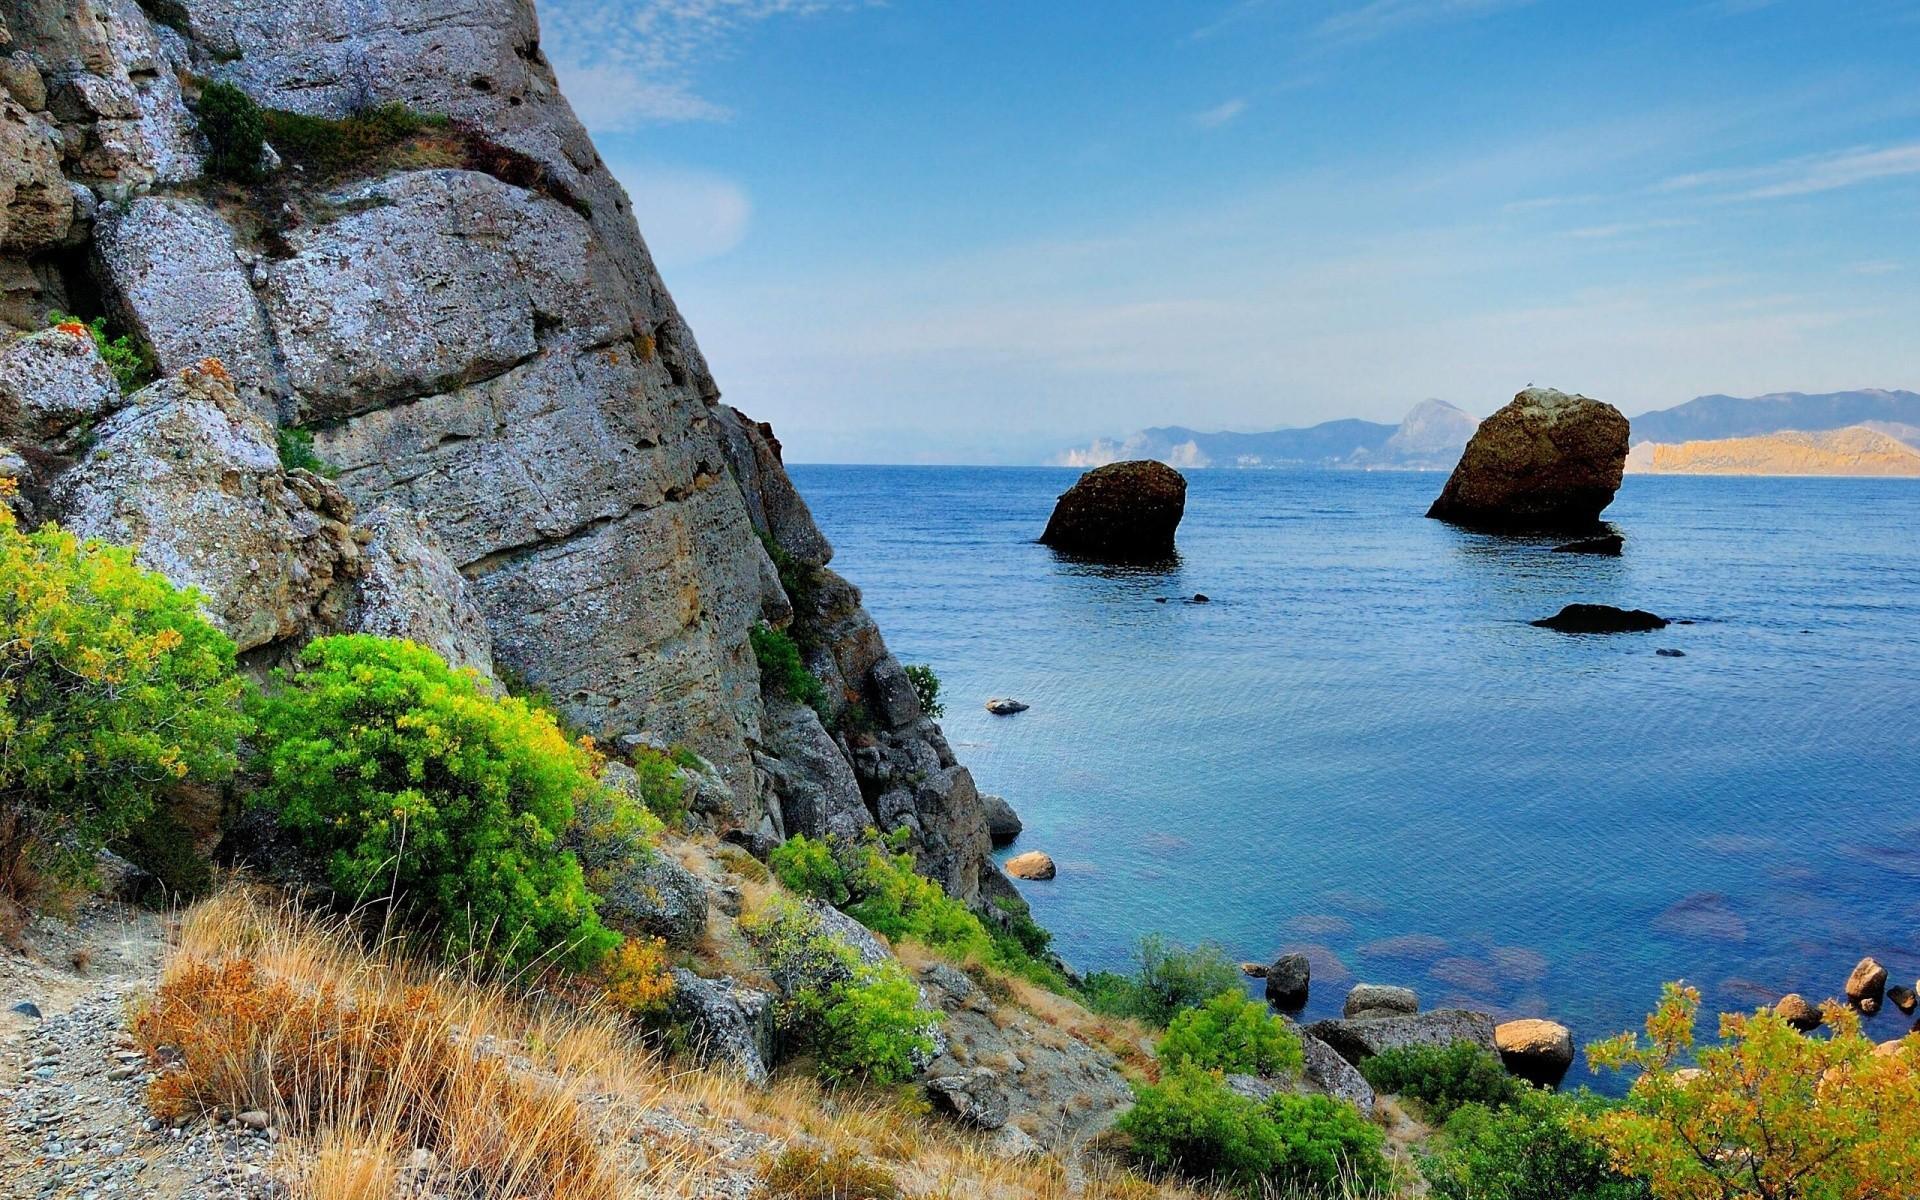 фото пейзажей крыма с моря открывшемся окне выбираем